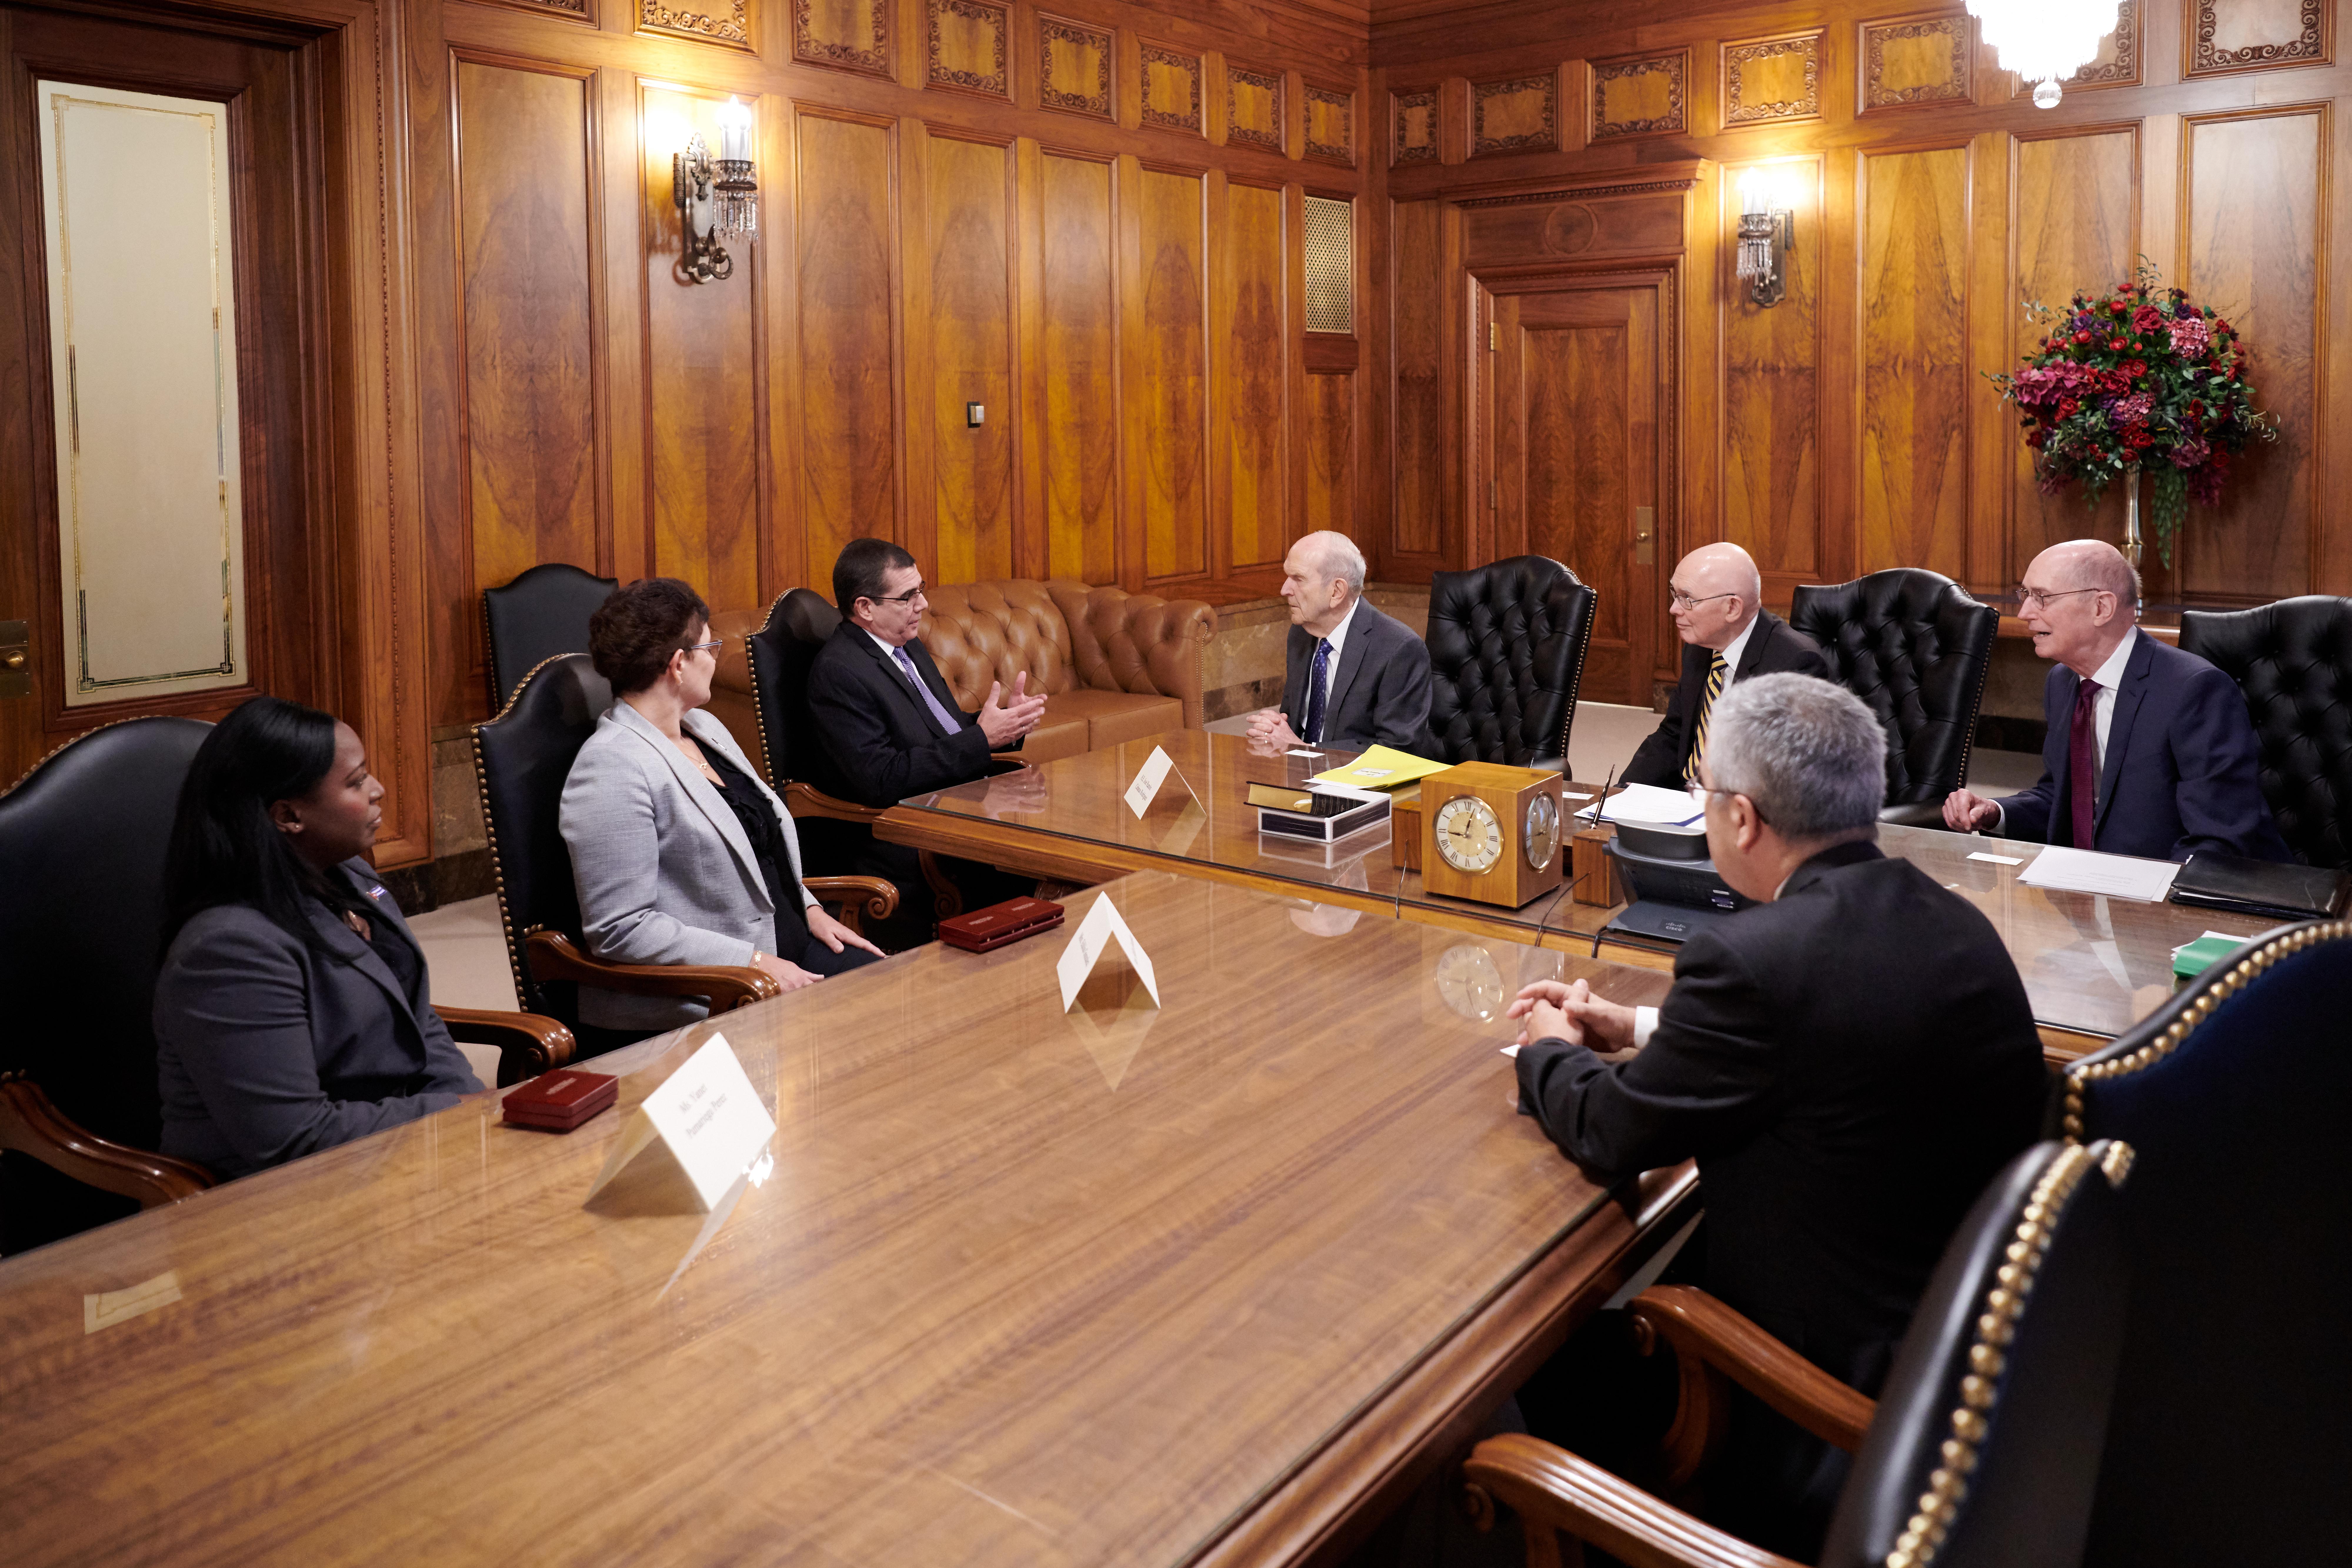 A Primeira Presidência de A Igreja de Jesus Cristo dos Santos dos Últimos Dias reúne-se com o embaixador de Cuba nos Estados Unidos, José R. Cabañas, o segundo da esquerda para a direita, em 23 de outubro de 2019.